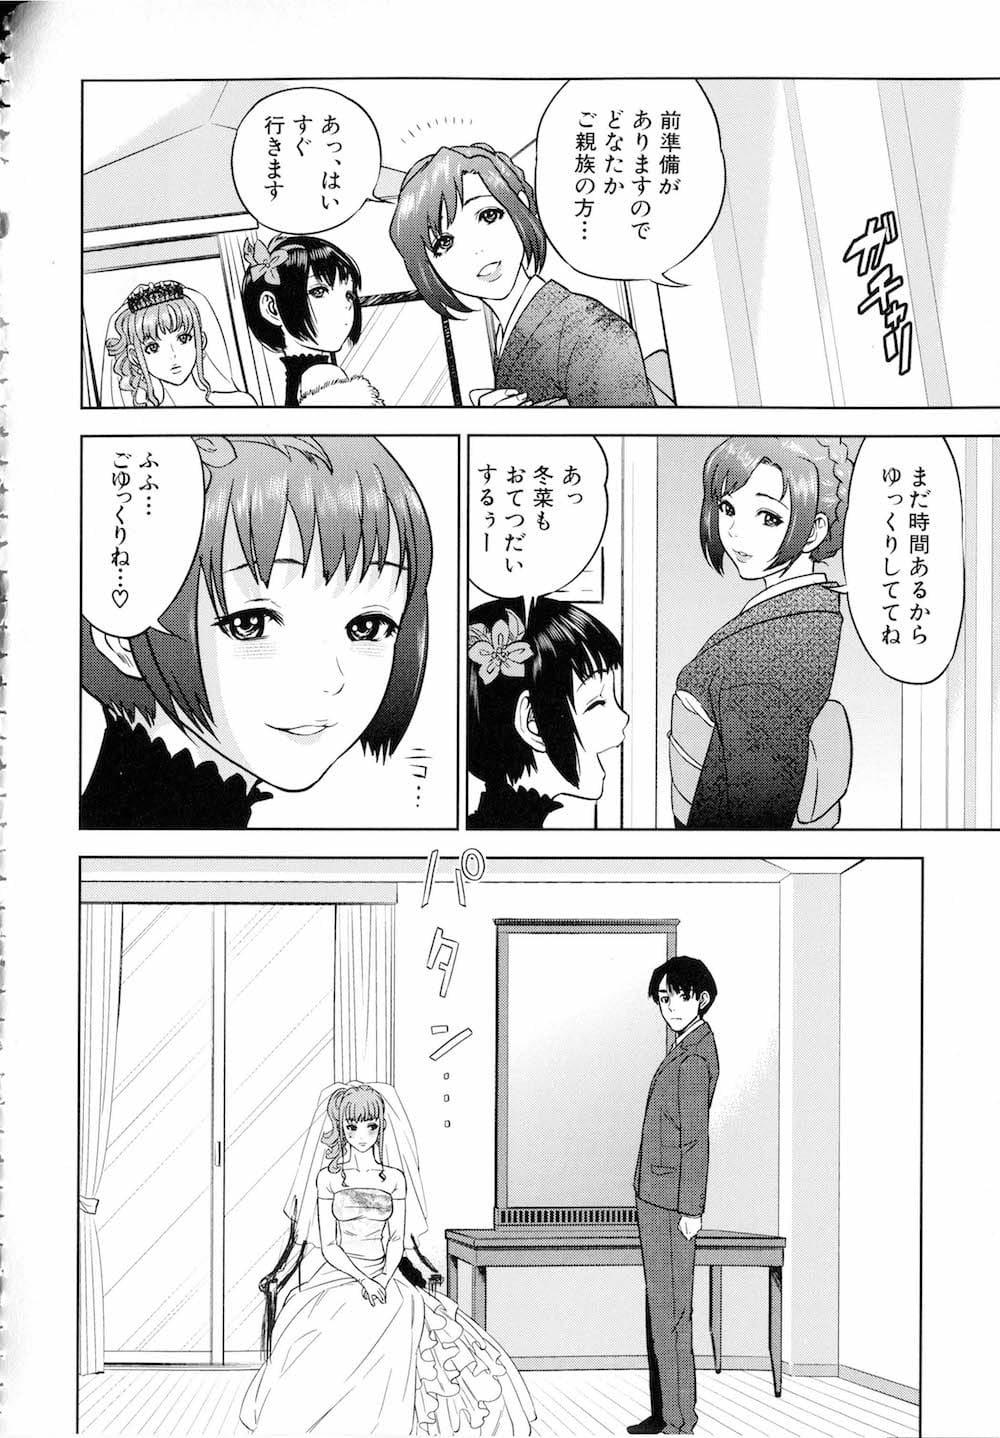 【エロ漫画・同人誌】結婚式直前のウエディングドレス姿の姉とセックスした弟が家でもうひとりの姉も犯すwww 002